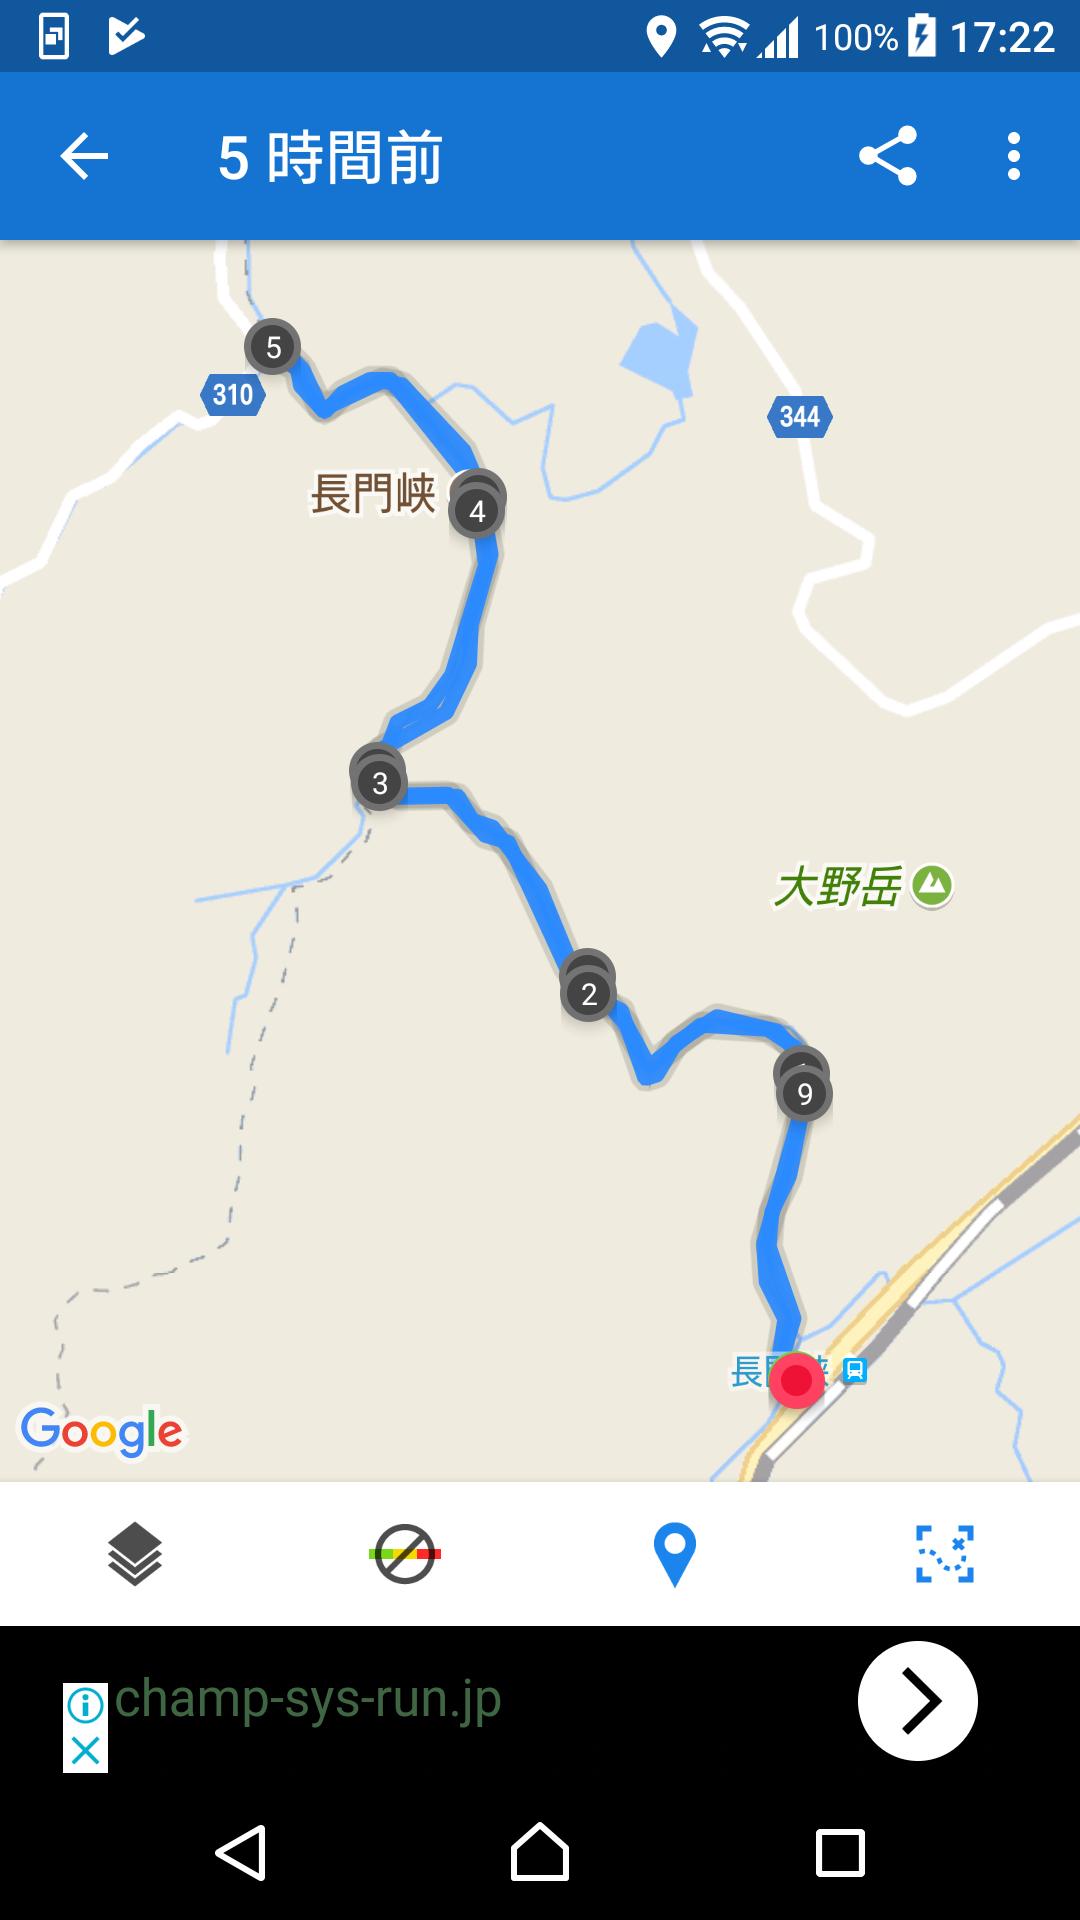 f:id:ynakayama27:20170811155901p:plain